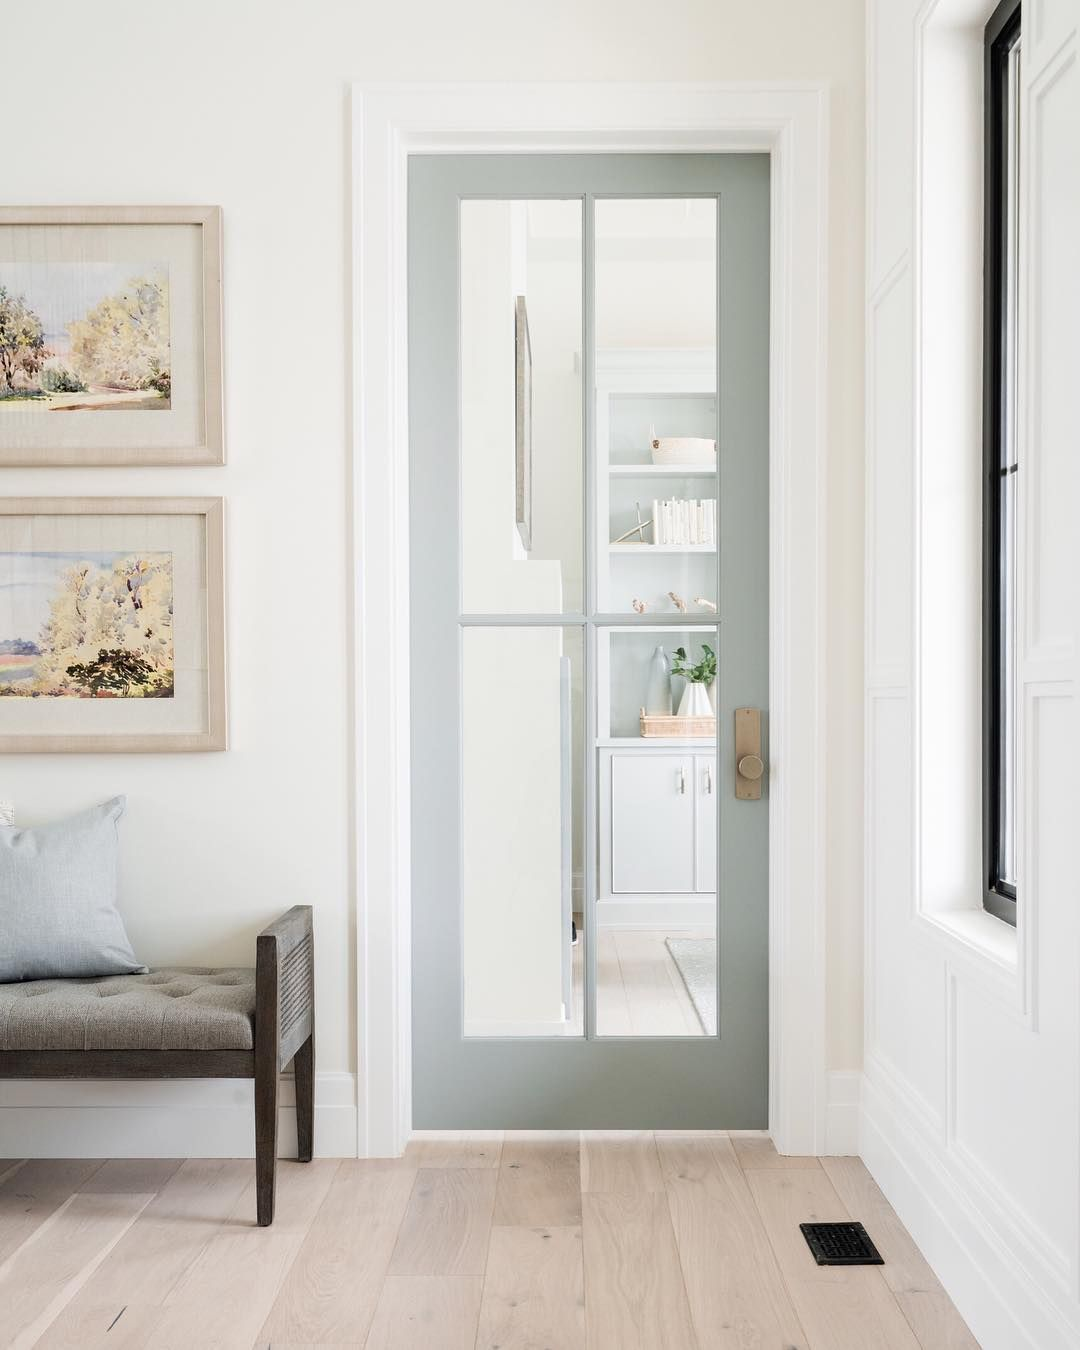 Interior Door Designs Jpg: Friday Inspiration: So Bright & Sunny